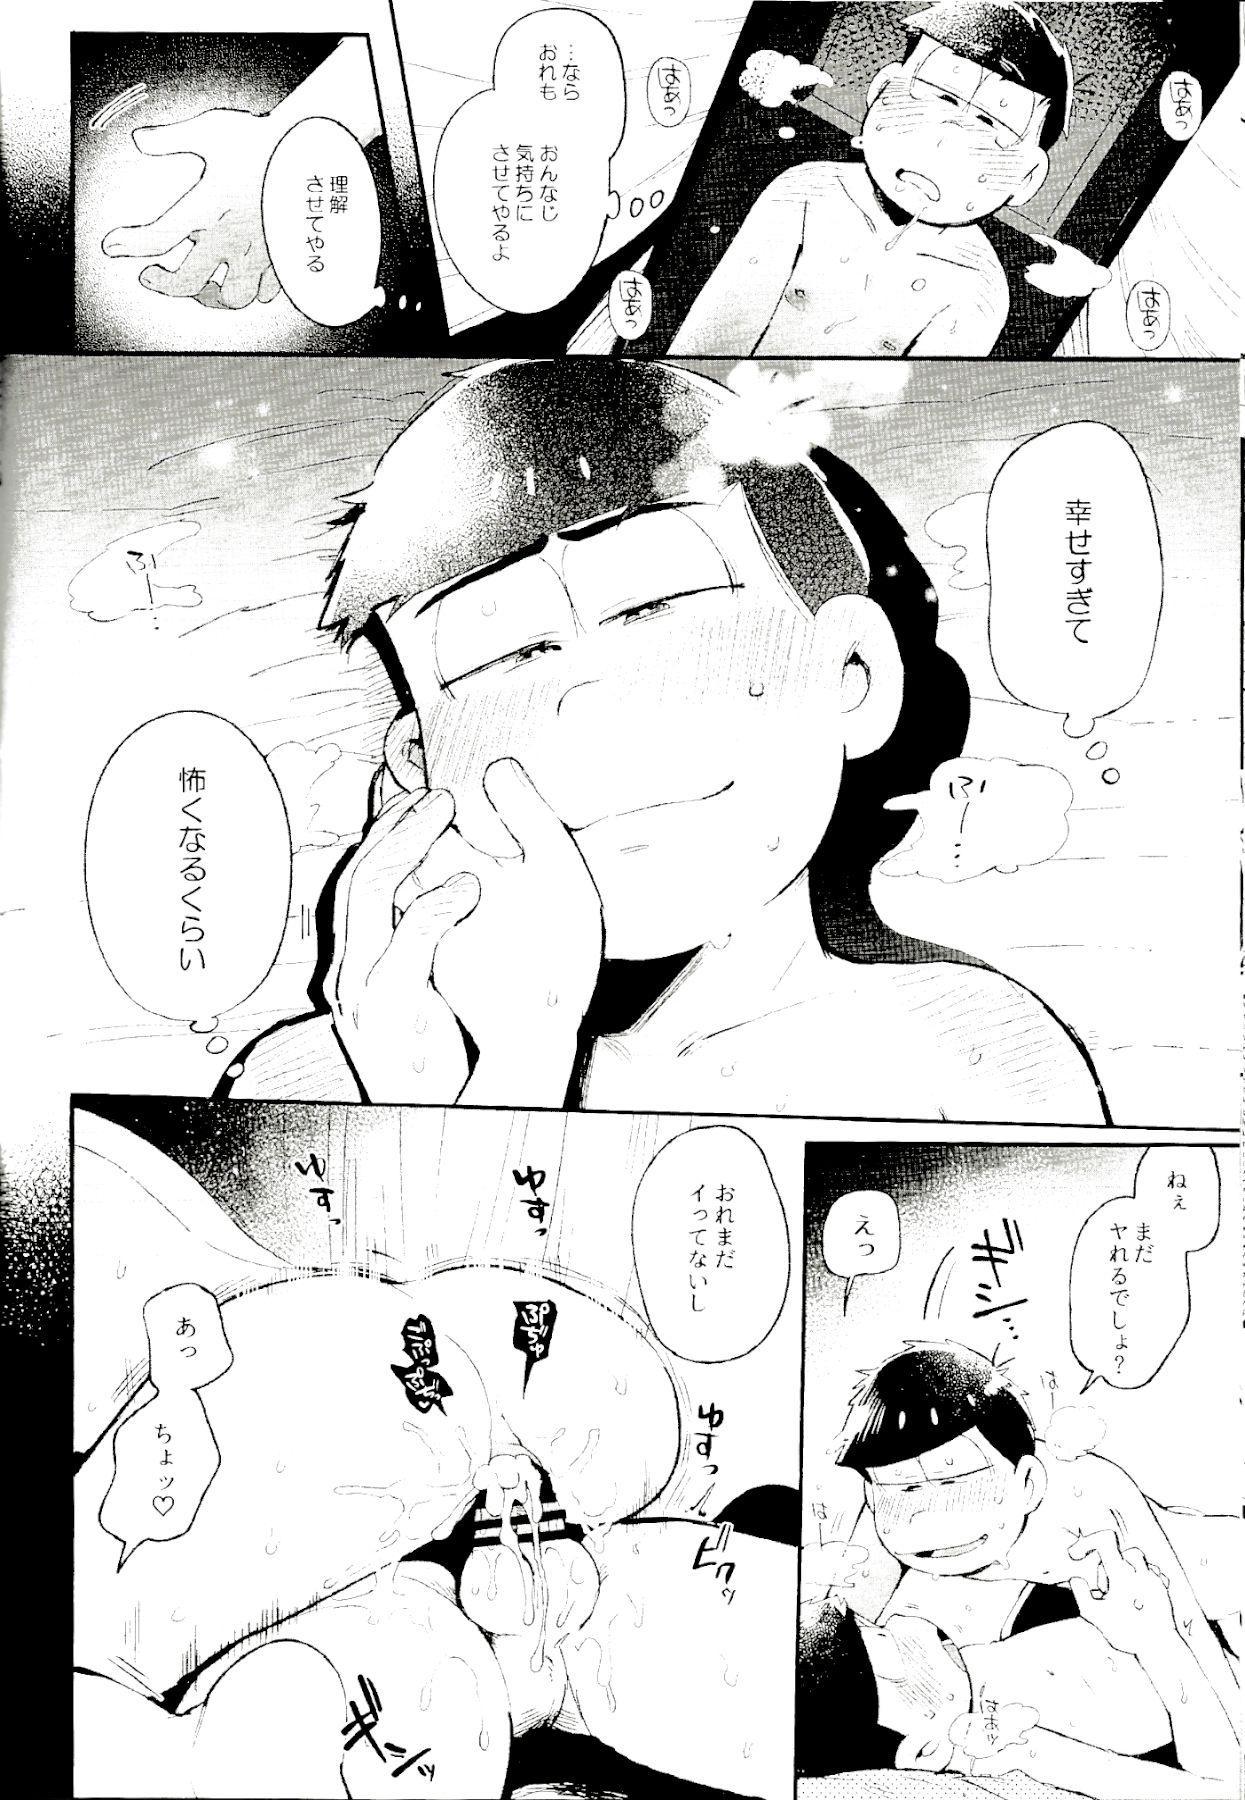 Kore ga Bokura no Imashime Riron 37